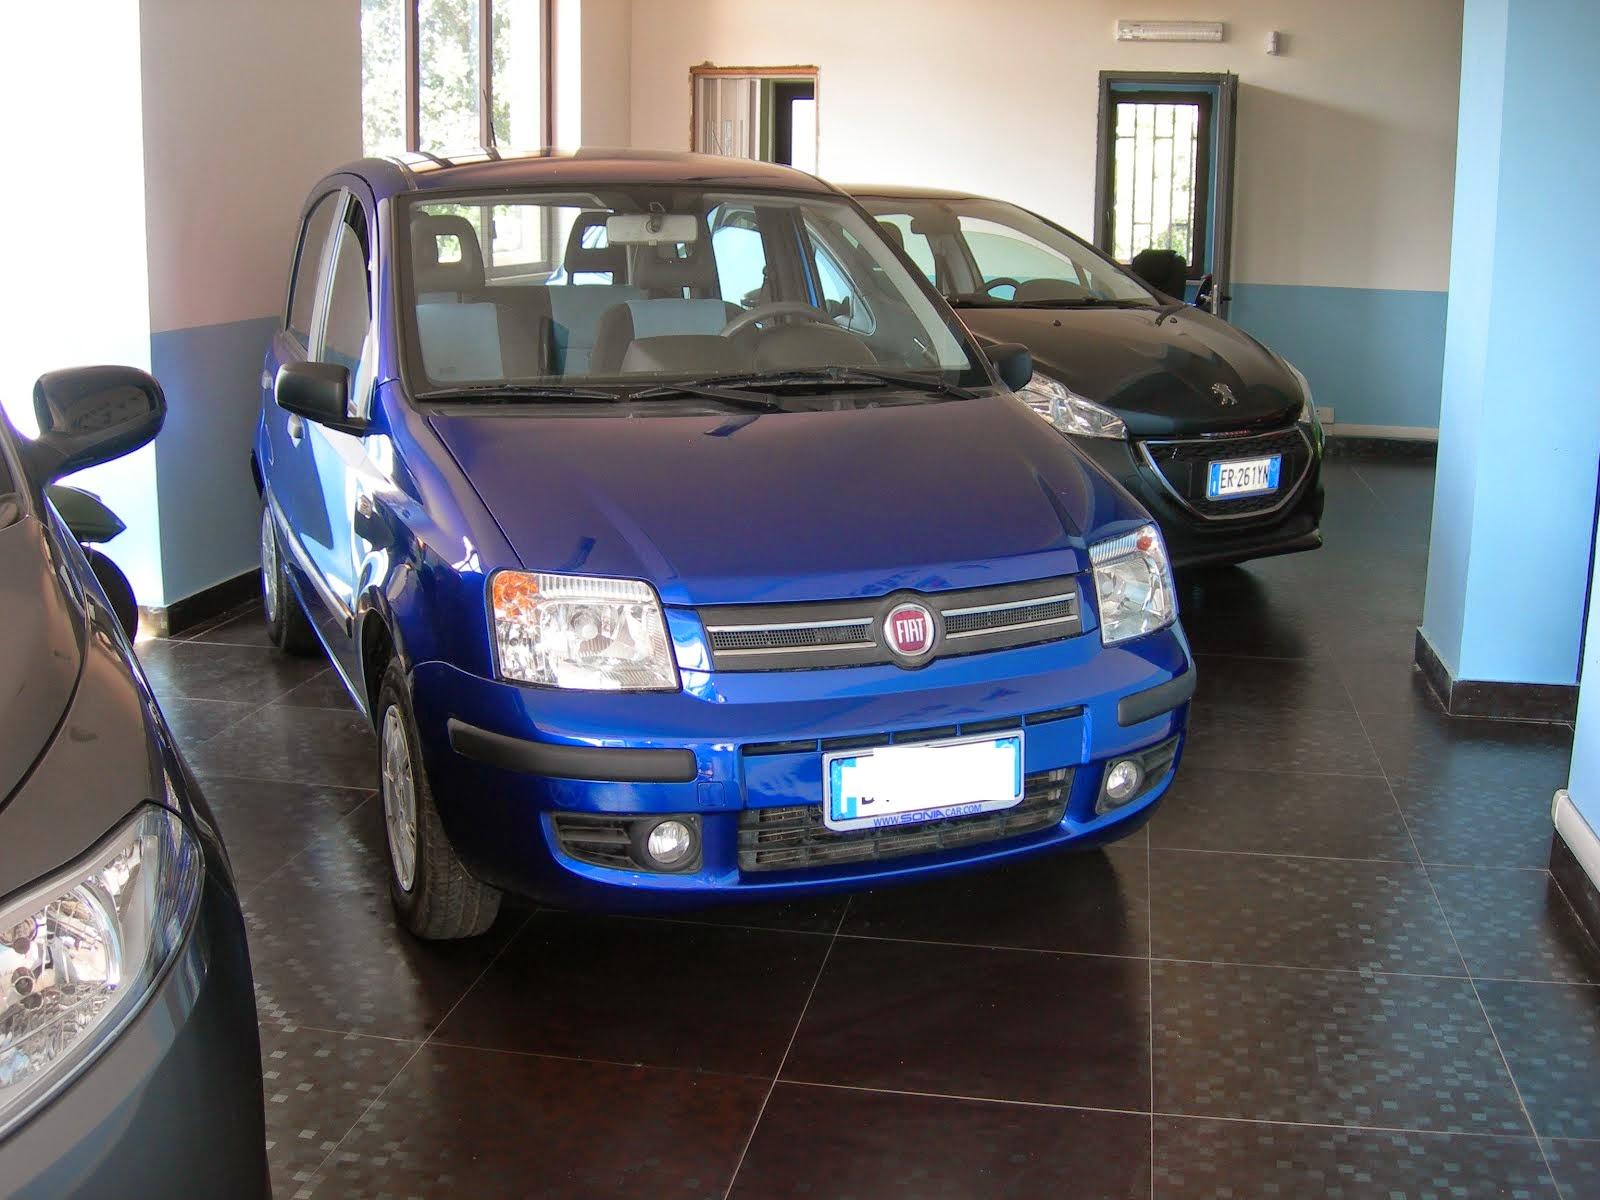 Fiat Panda 1.2 dynamic 2008 4.500,00 Euro